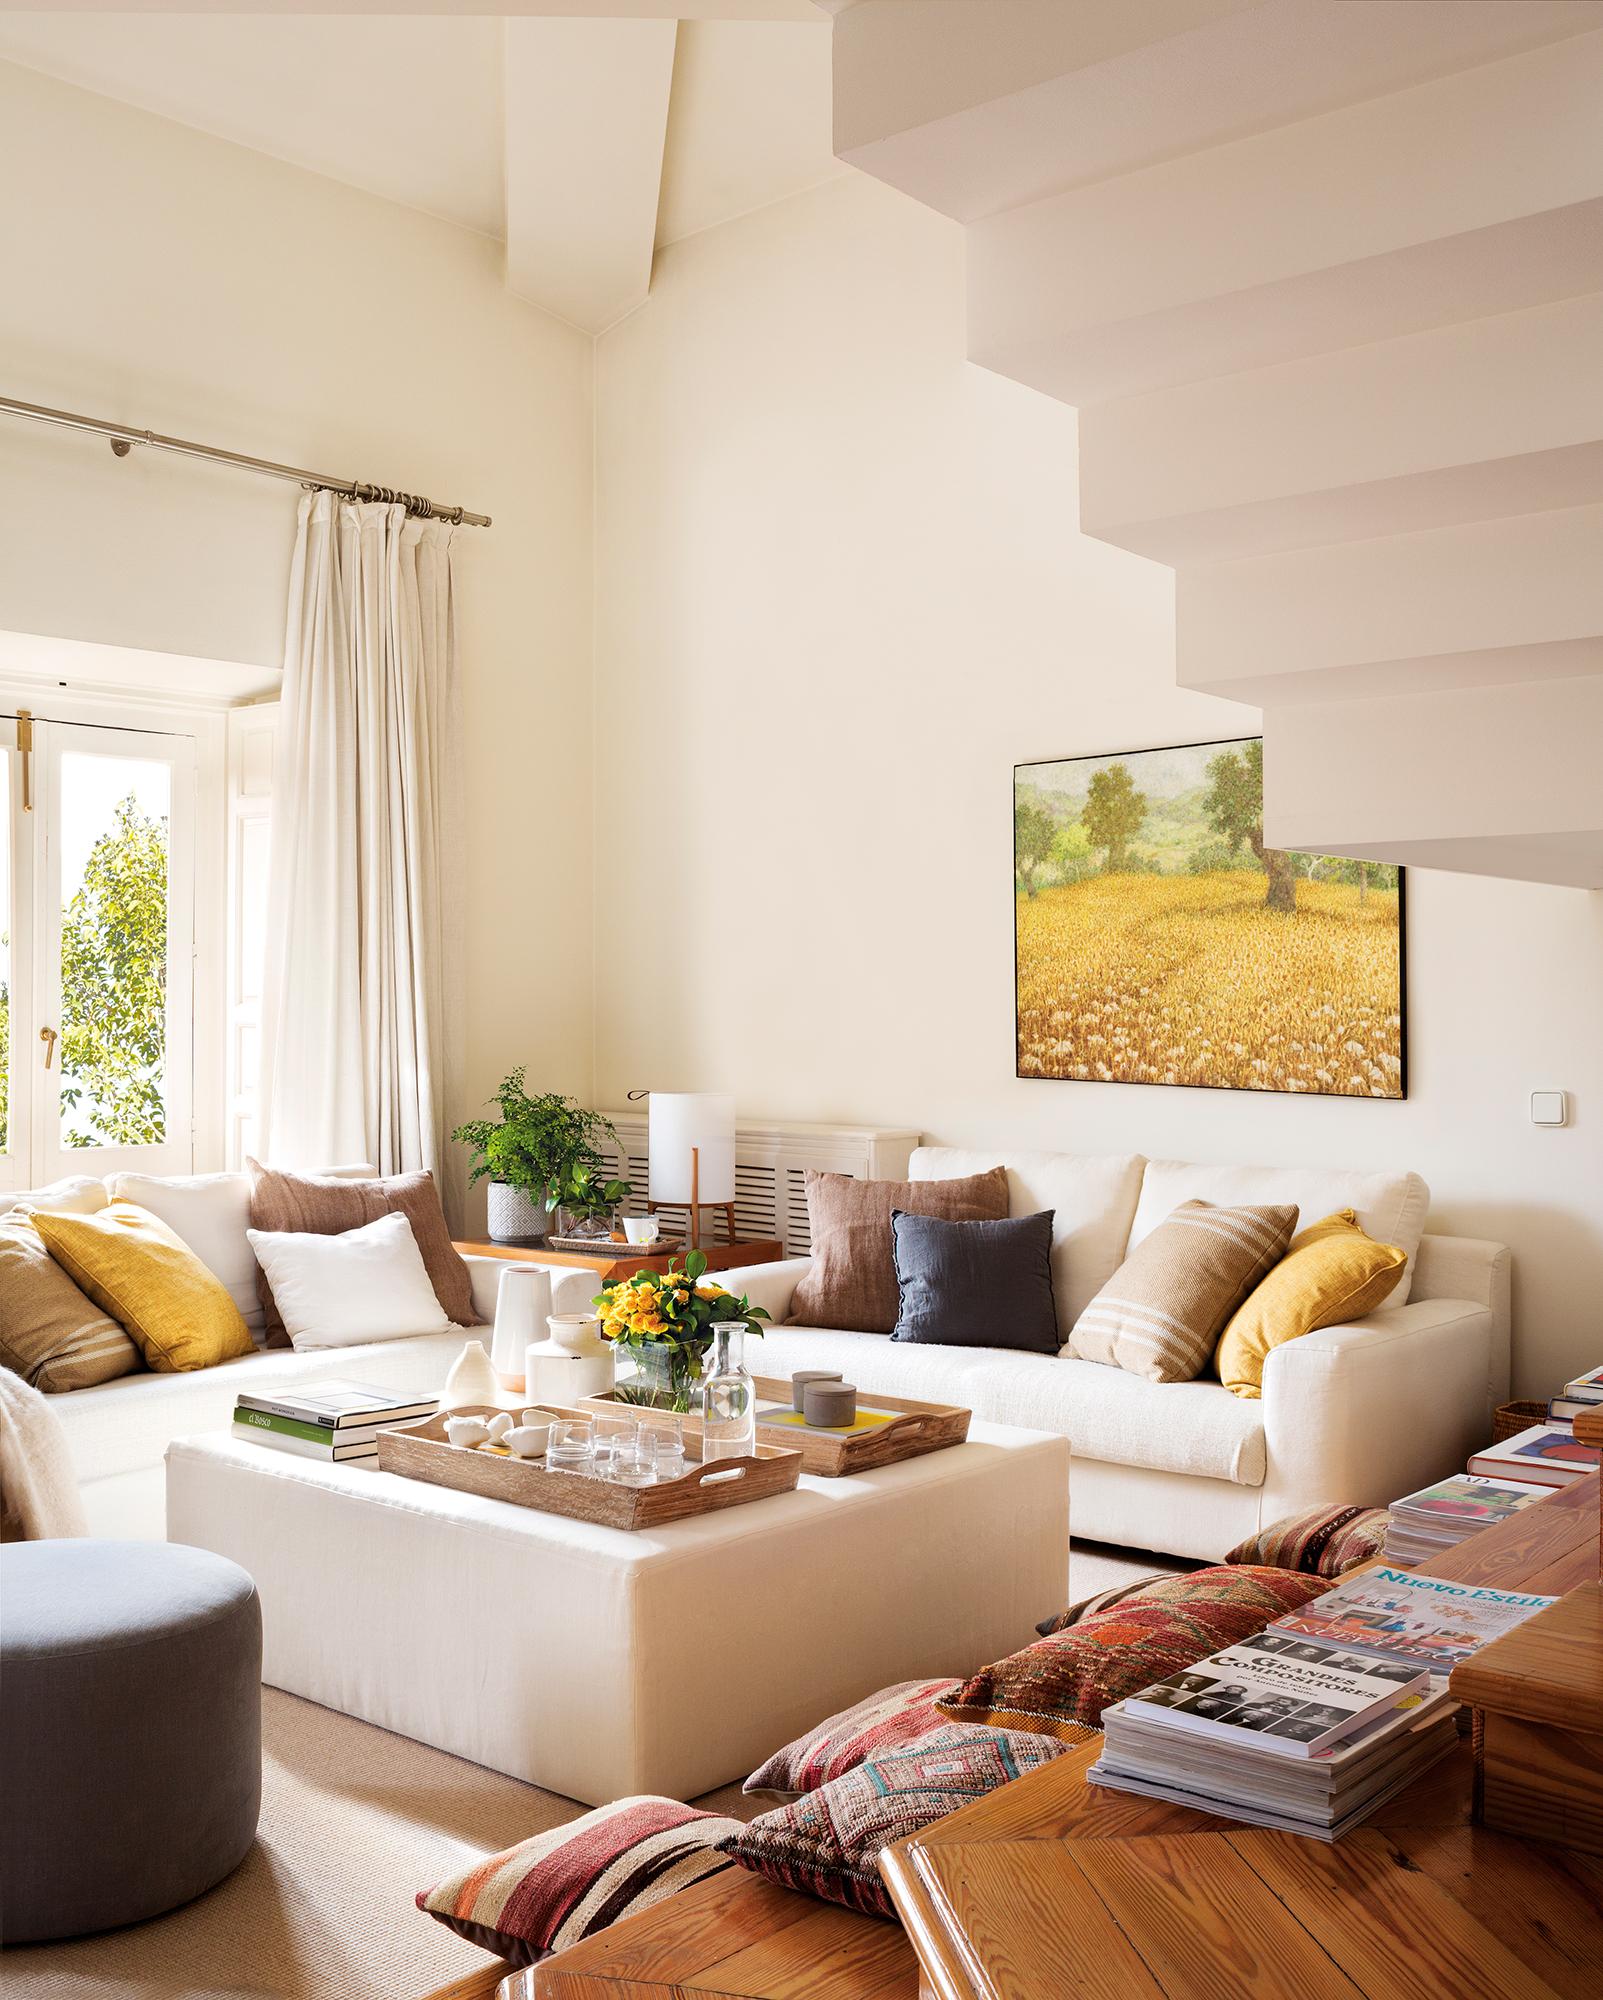 Los 30 mejores trucos para decorar tu casa seg n la - Decorar muebles con tela ...